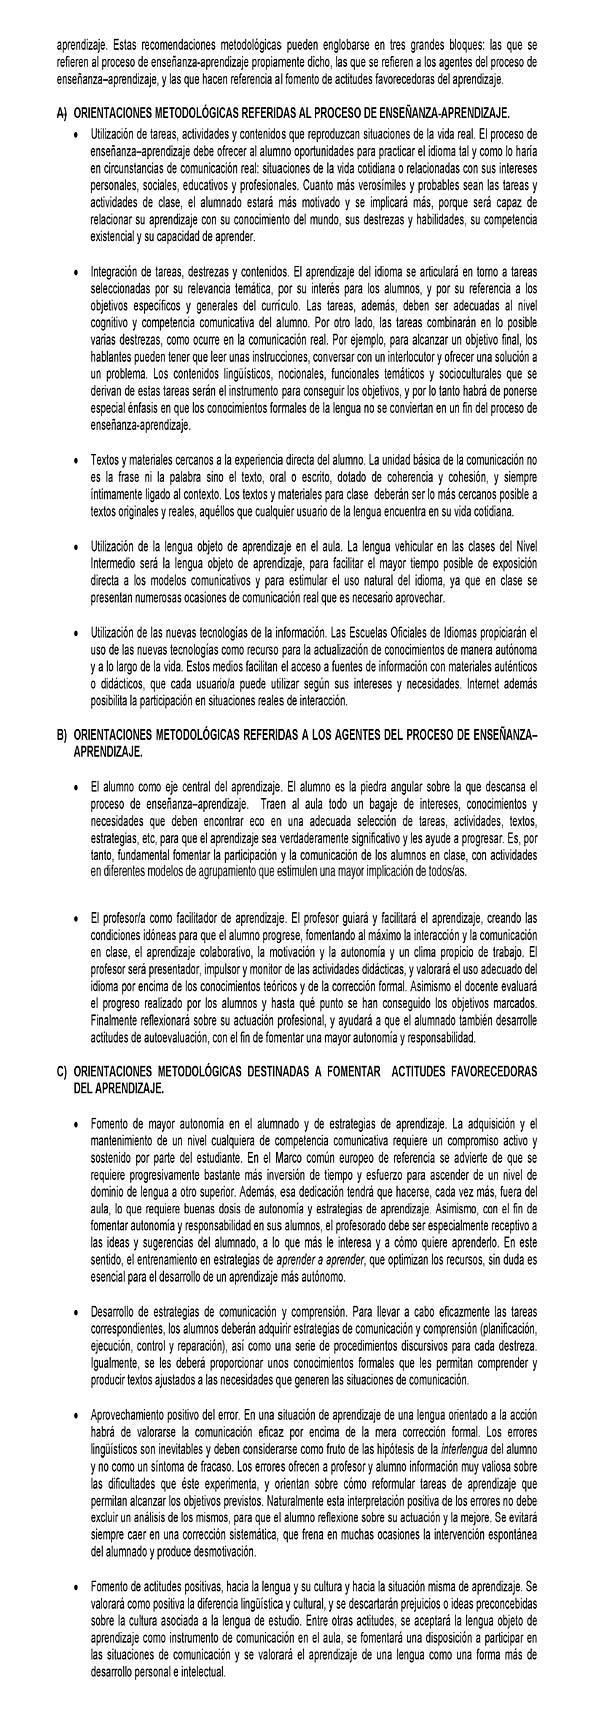 Decreto 158/2007, de 5 de diciembre, por el que se establece el ...